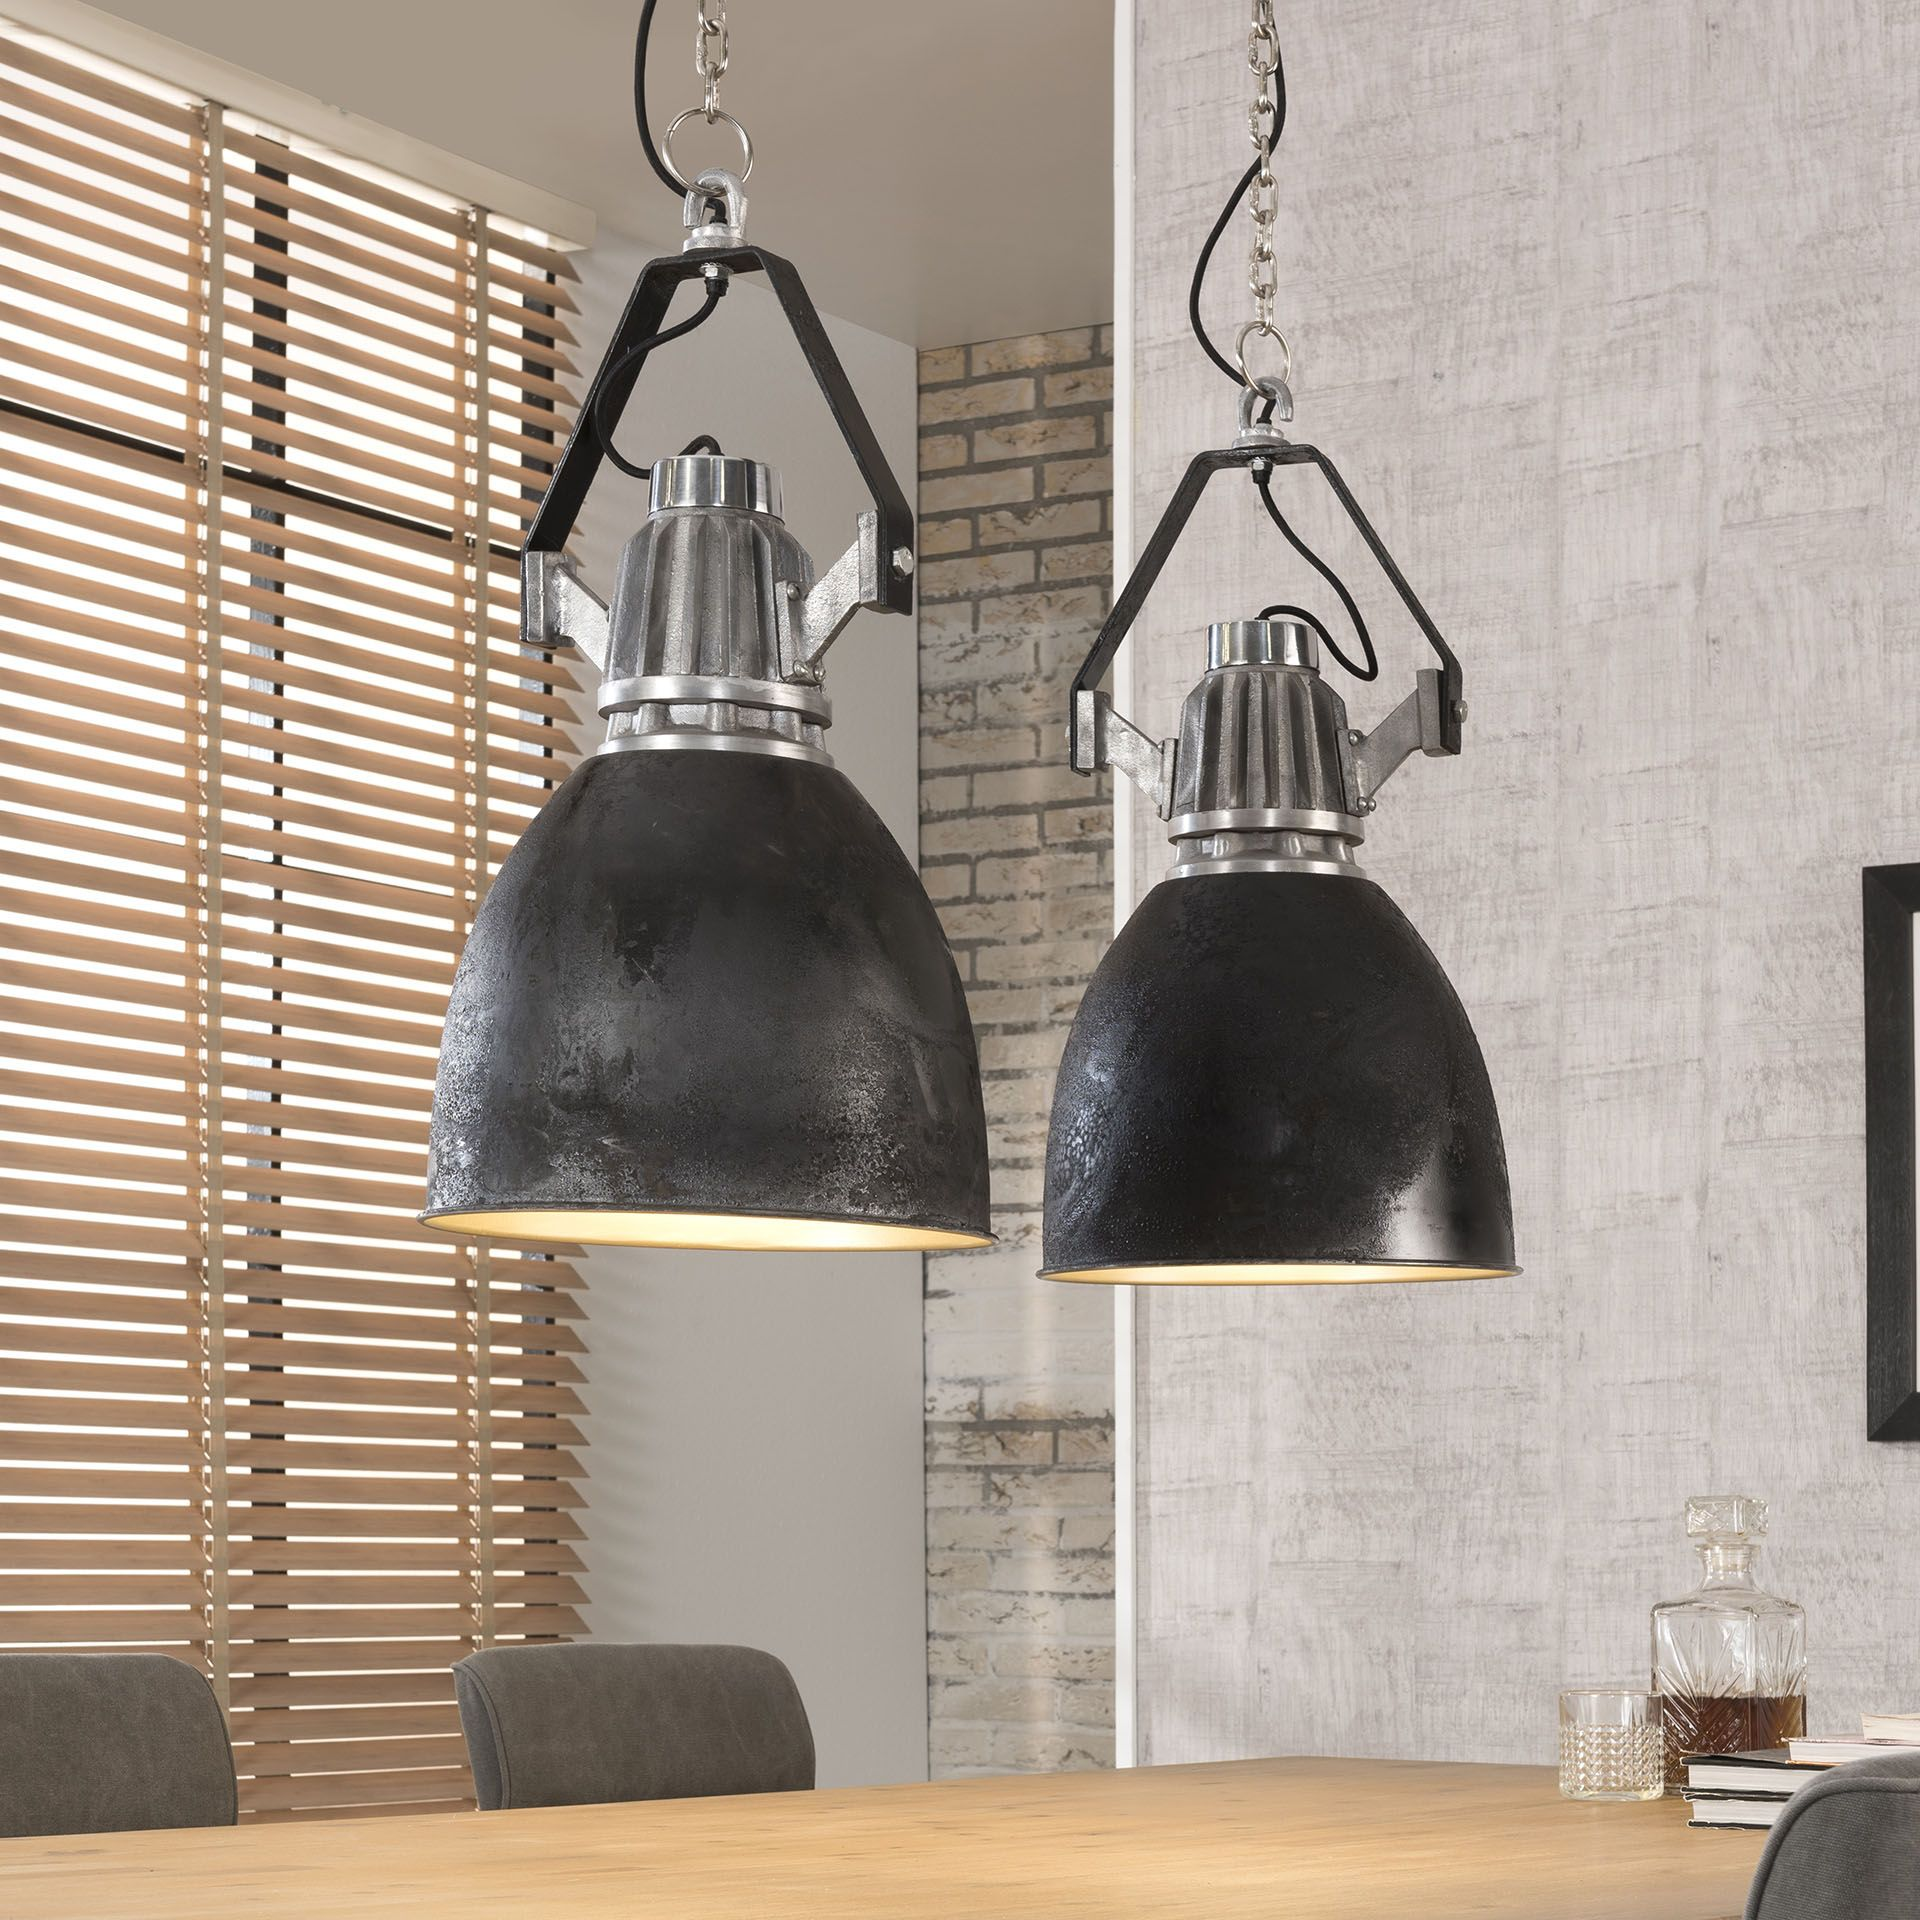 Cute Industie Lampe schwarz silber H ngeleuchte im Industriedesign